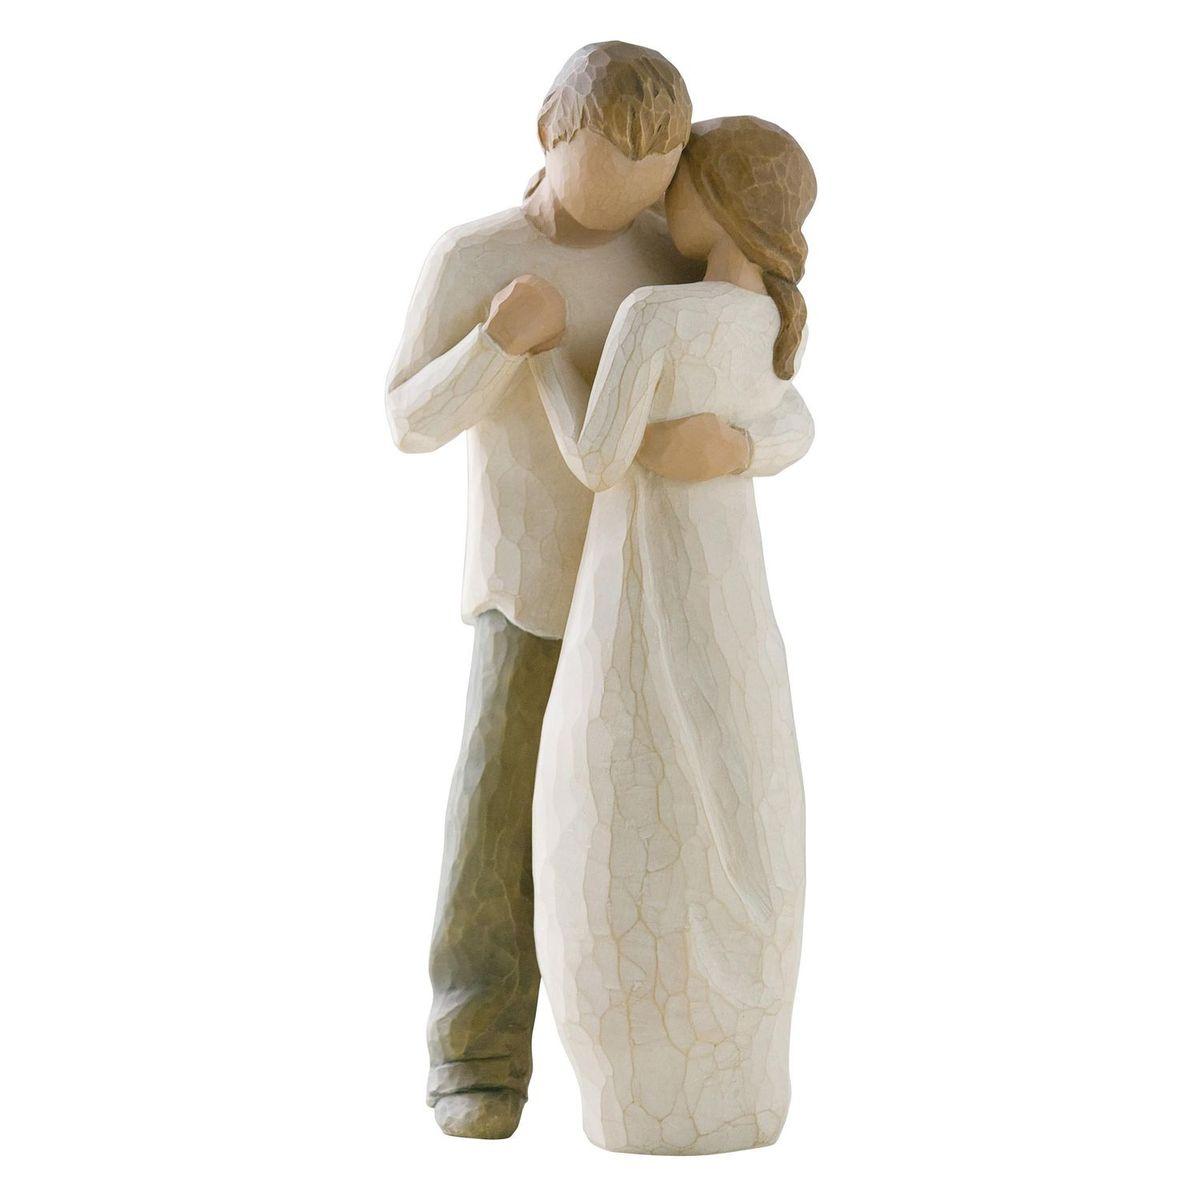 Фигурка Willow Tree Обещание, 23 см26121Эти прекрасные статуэтки созданы канадским скульптором Сьюзан Лорди. Каждая фигурка – это настоящее произведение искусства, образная скульптура в миниатюре, изображающая эмоции и чувства, которые помогают нам чувствовать себя ближе к другим, верить в мечту, выражать любовь. Каждая фигурка помещена в красивую упаковку. Купить такой оригинальный подарок, значит не только украсить интерьер помещения или жилой комнаты, но выразить свое глубокое отношение к любимому человеку. Этот прекрасный сувенир будет лучшим подарком на день ангела, именины, день рождения, юбилей. Материал: Искусственный камень (49% карбонат кальция мелкозернистой разновидности, 51% искусственный камень)